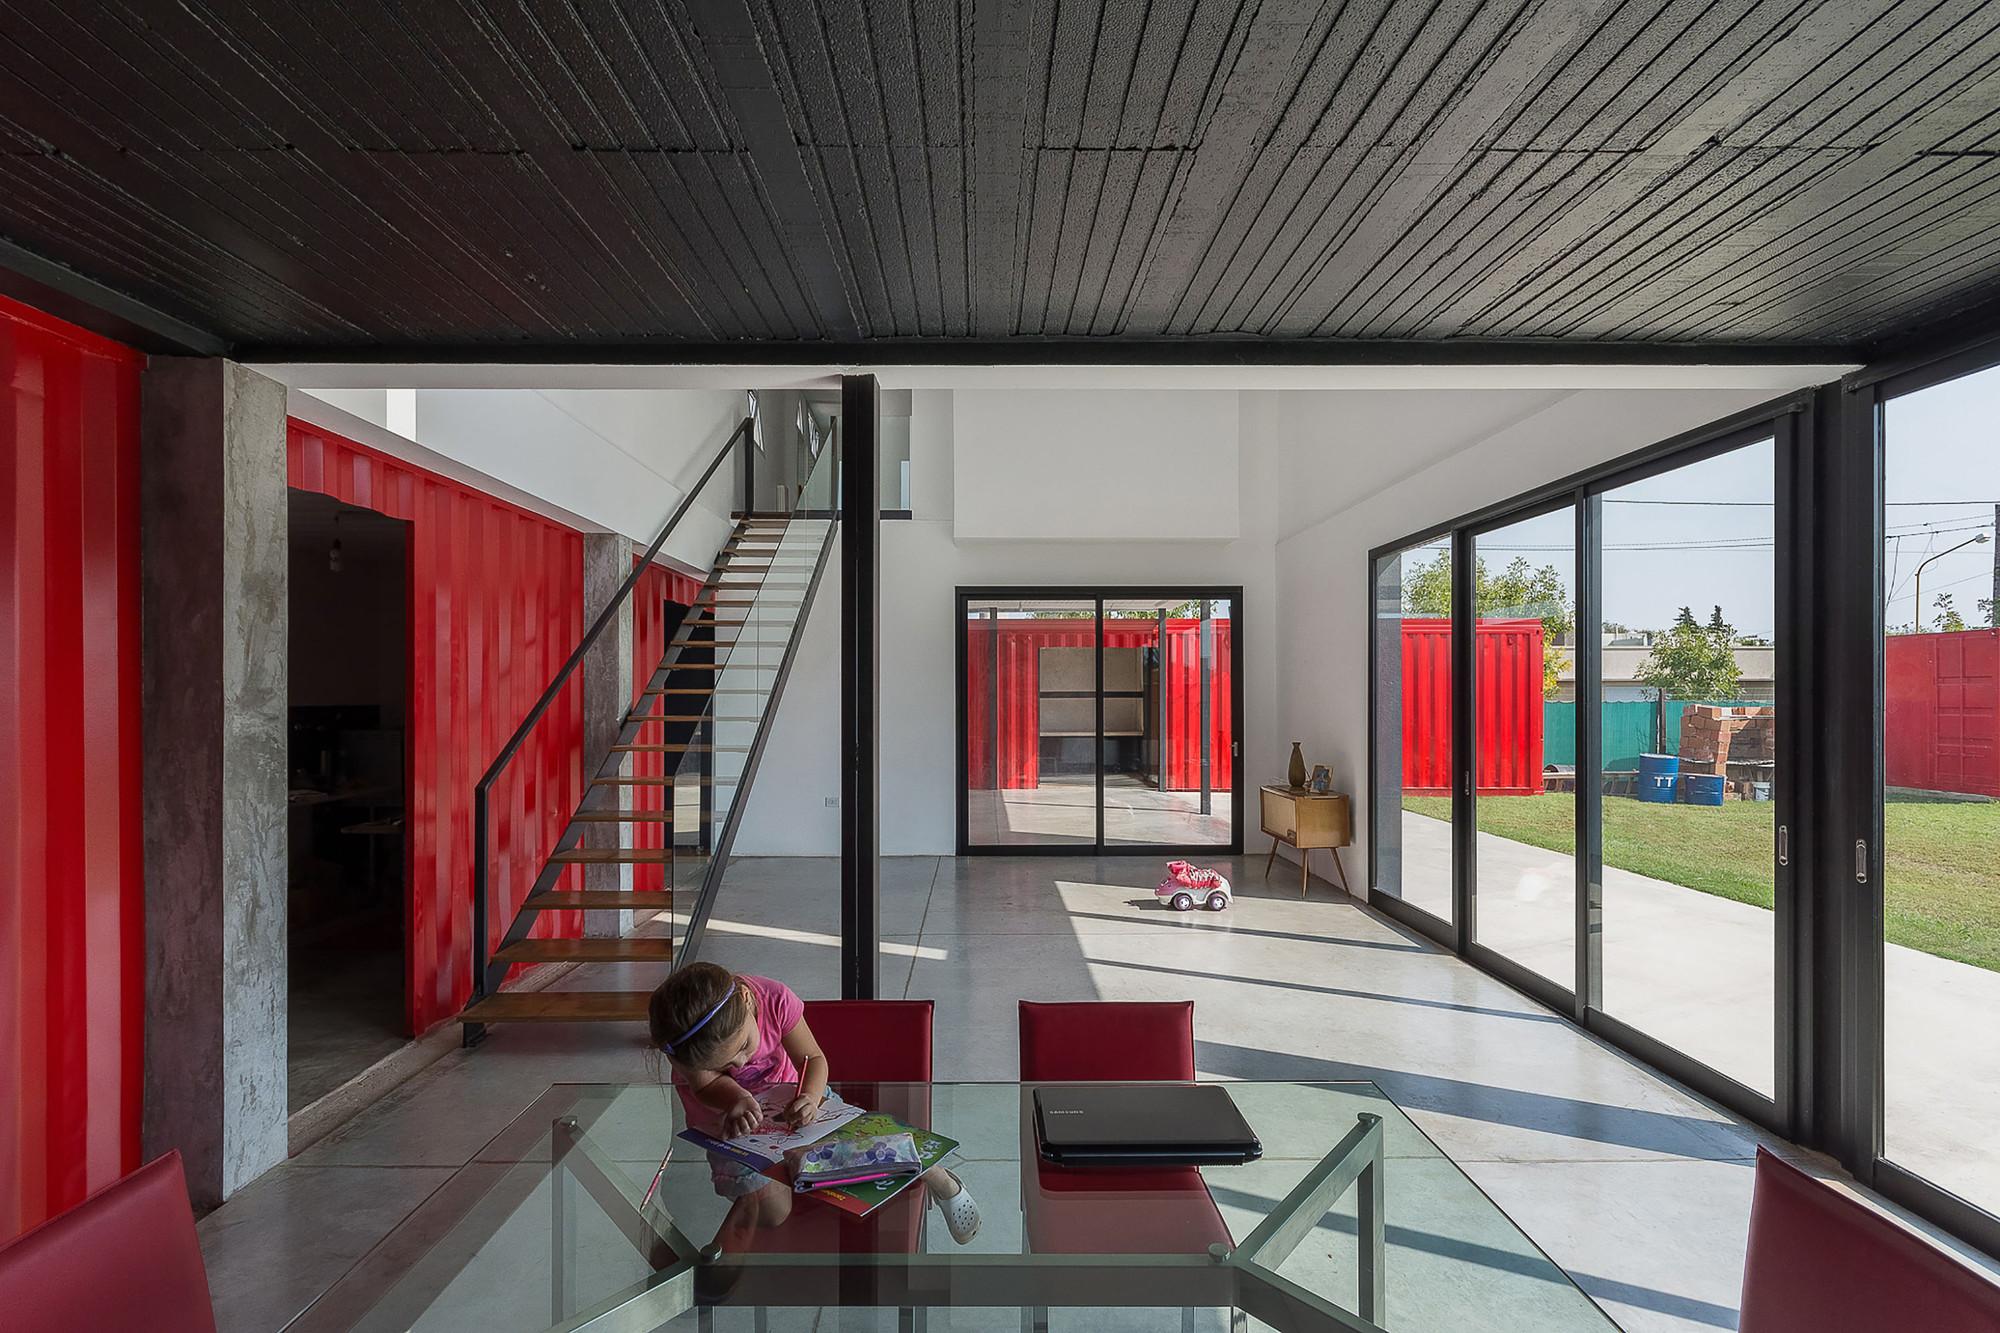 Casa container jos schreiber arquitecto archdaily brasil - Casa container espana ...